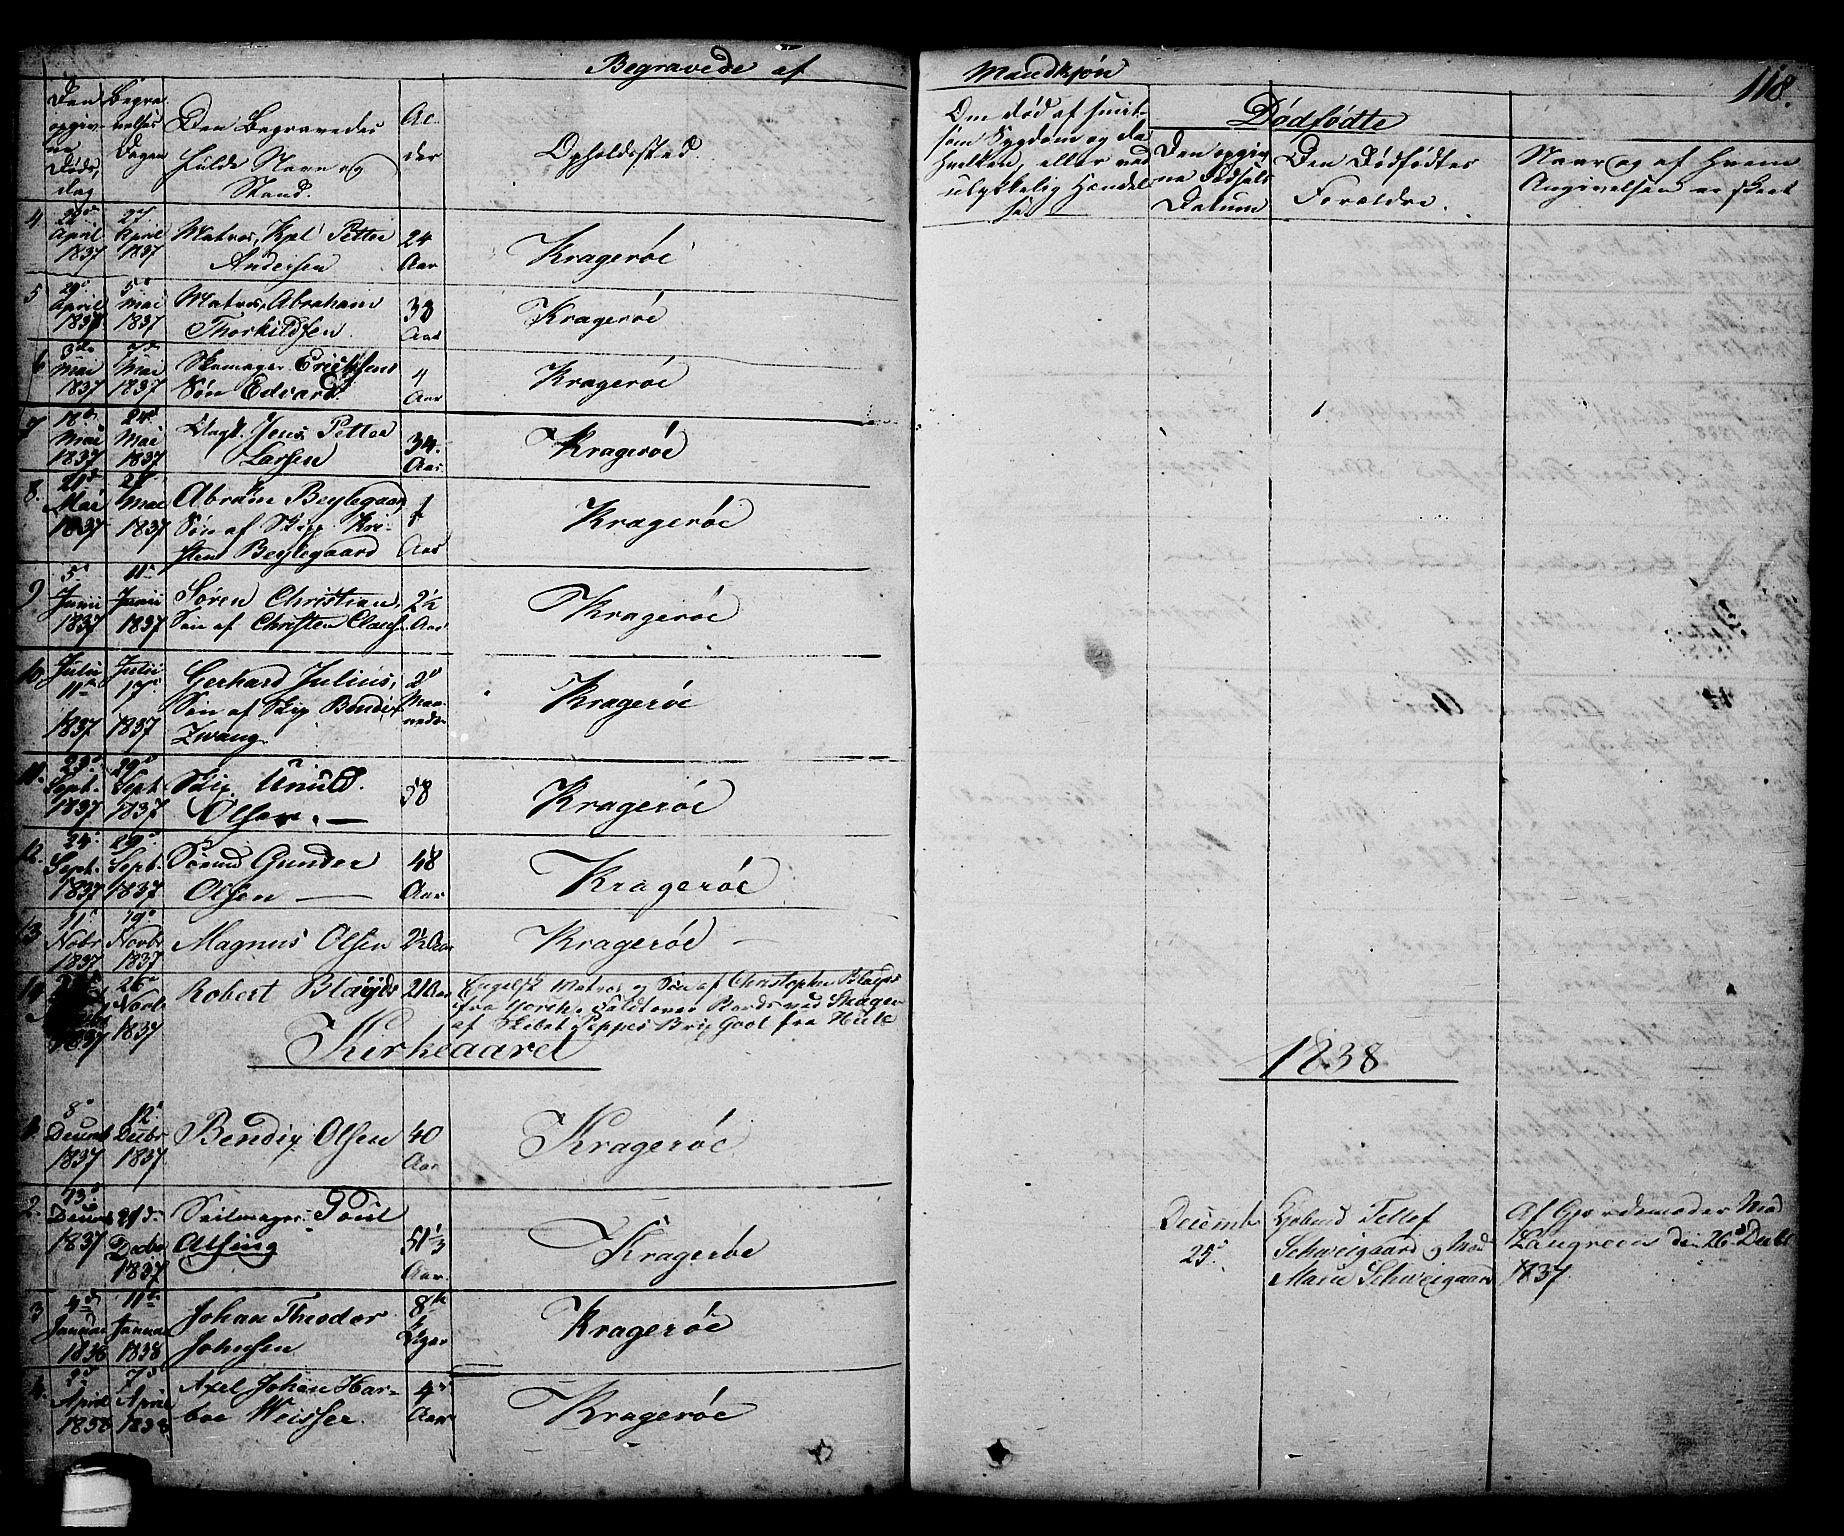 SAKO, Kragerø kirkebøker, G/Ga/L0003: Klokkerbok nr. 3, 1832-1852, s. 118